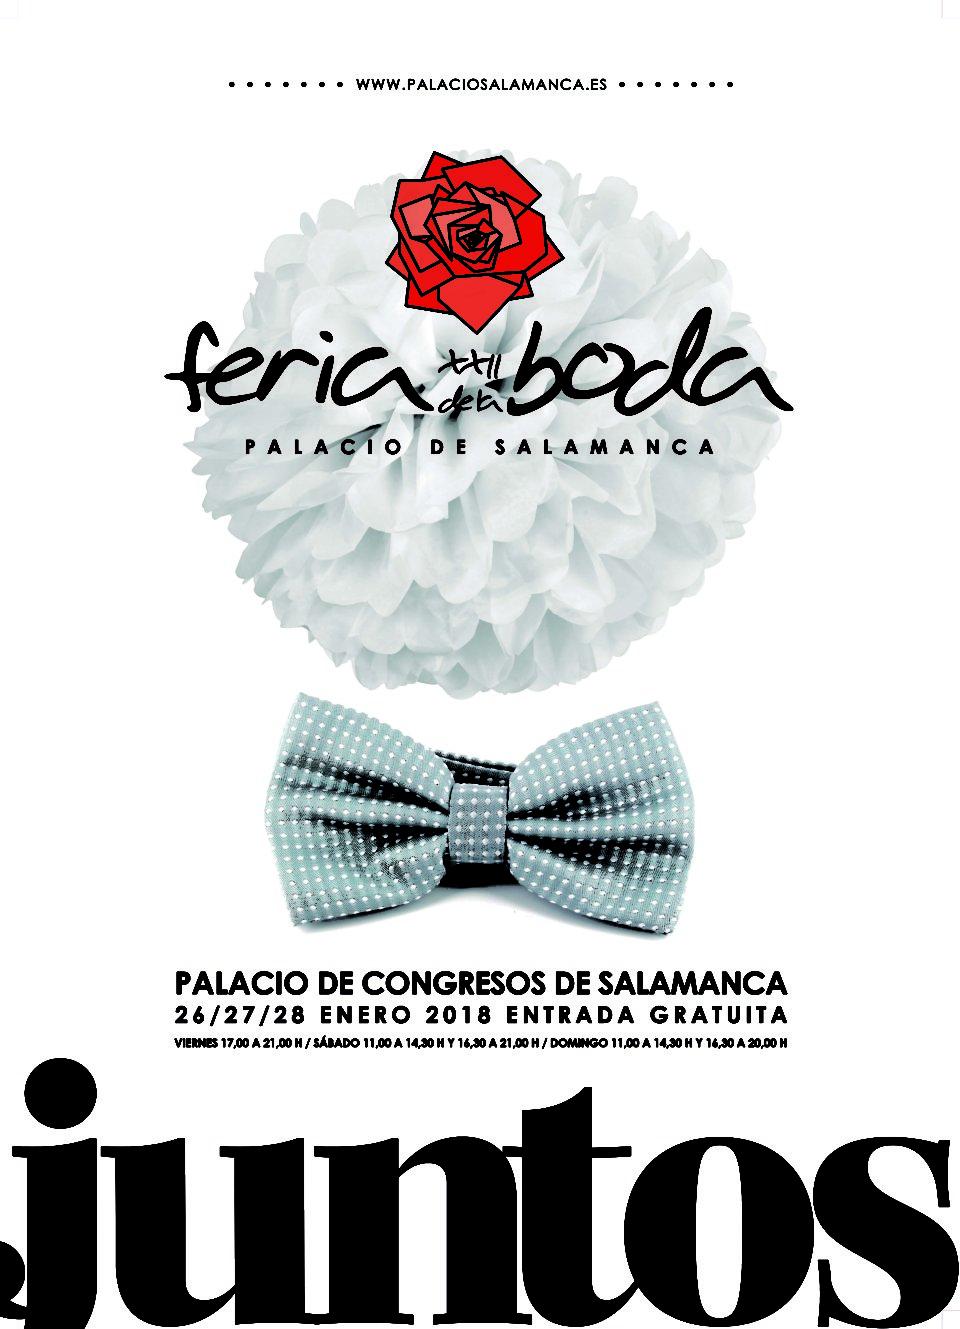 Palacio de Congresos y Exposiciones XXII Feria de la Boda Salamanca Enero 2018